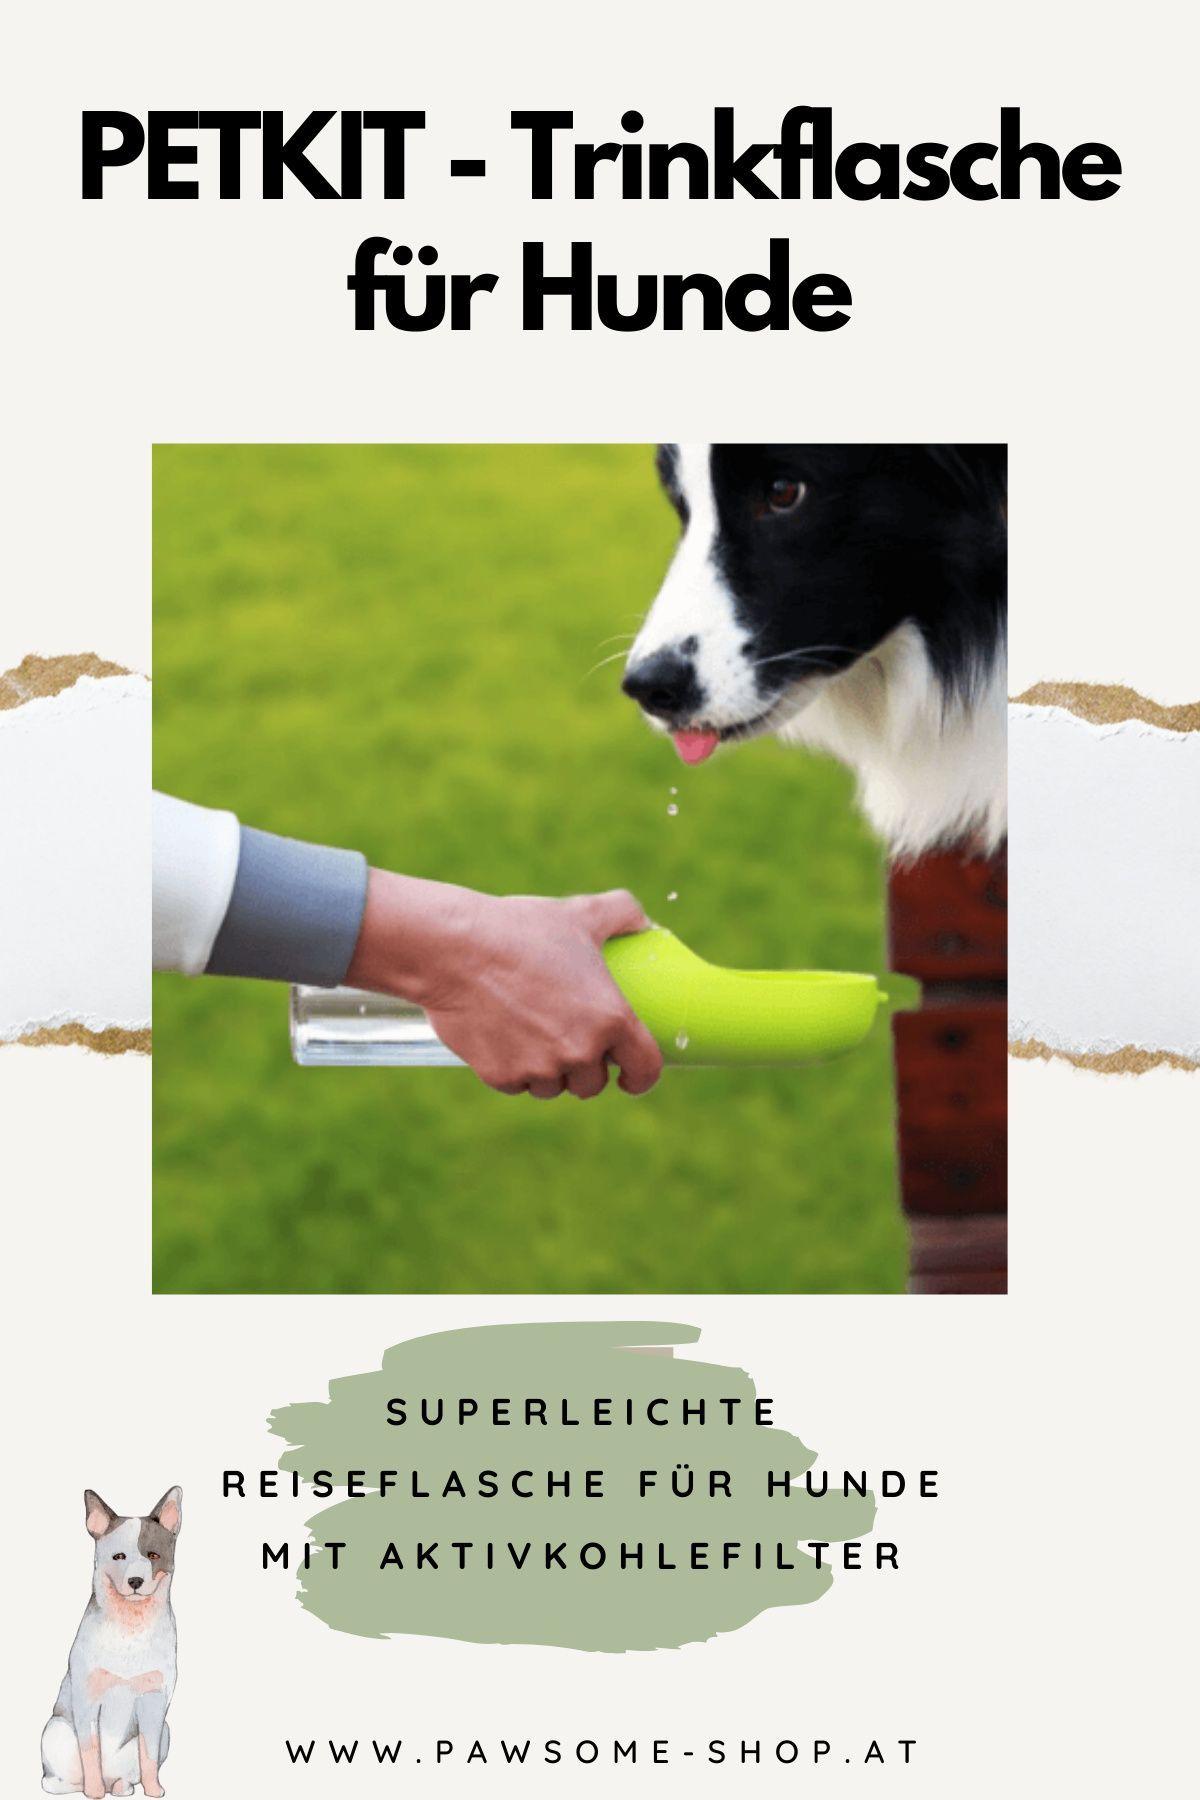 Trinkflasche Fur Hunde Hunde Online Shop Hunde Hundeernahrung